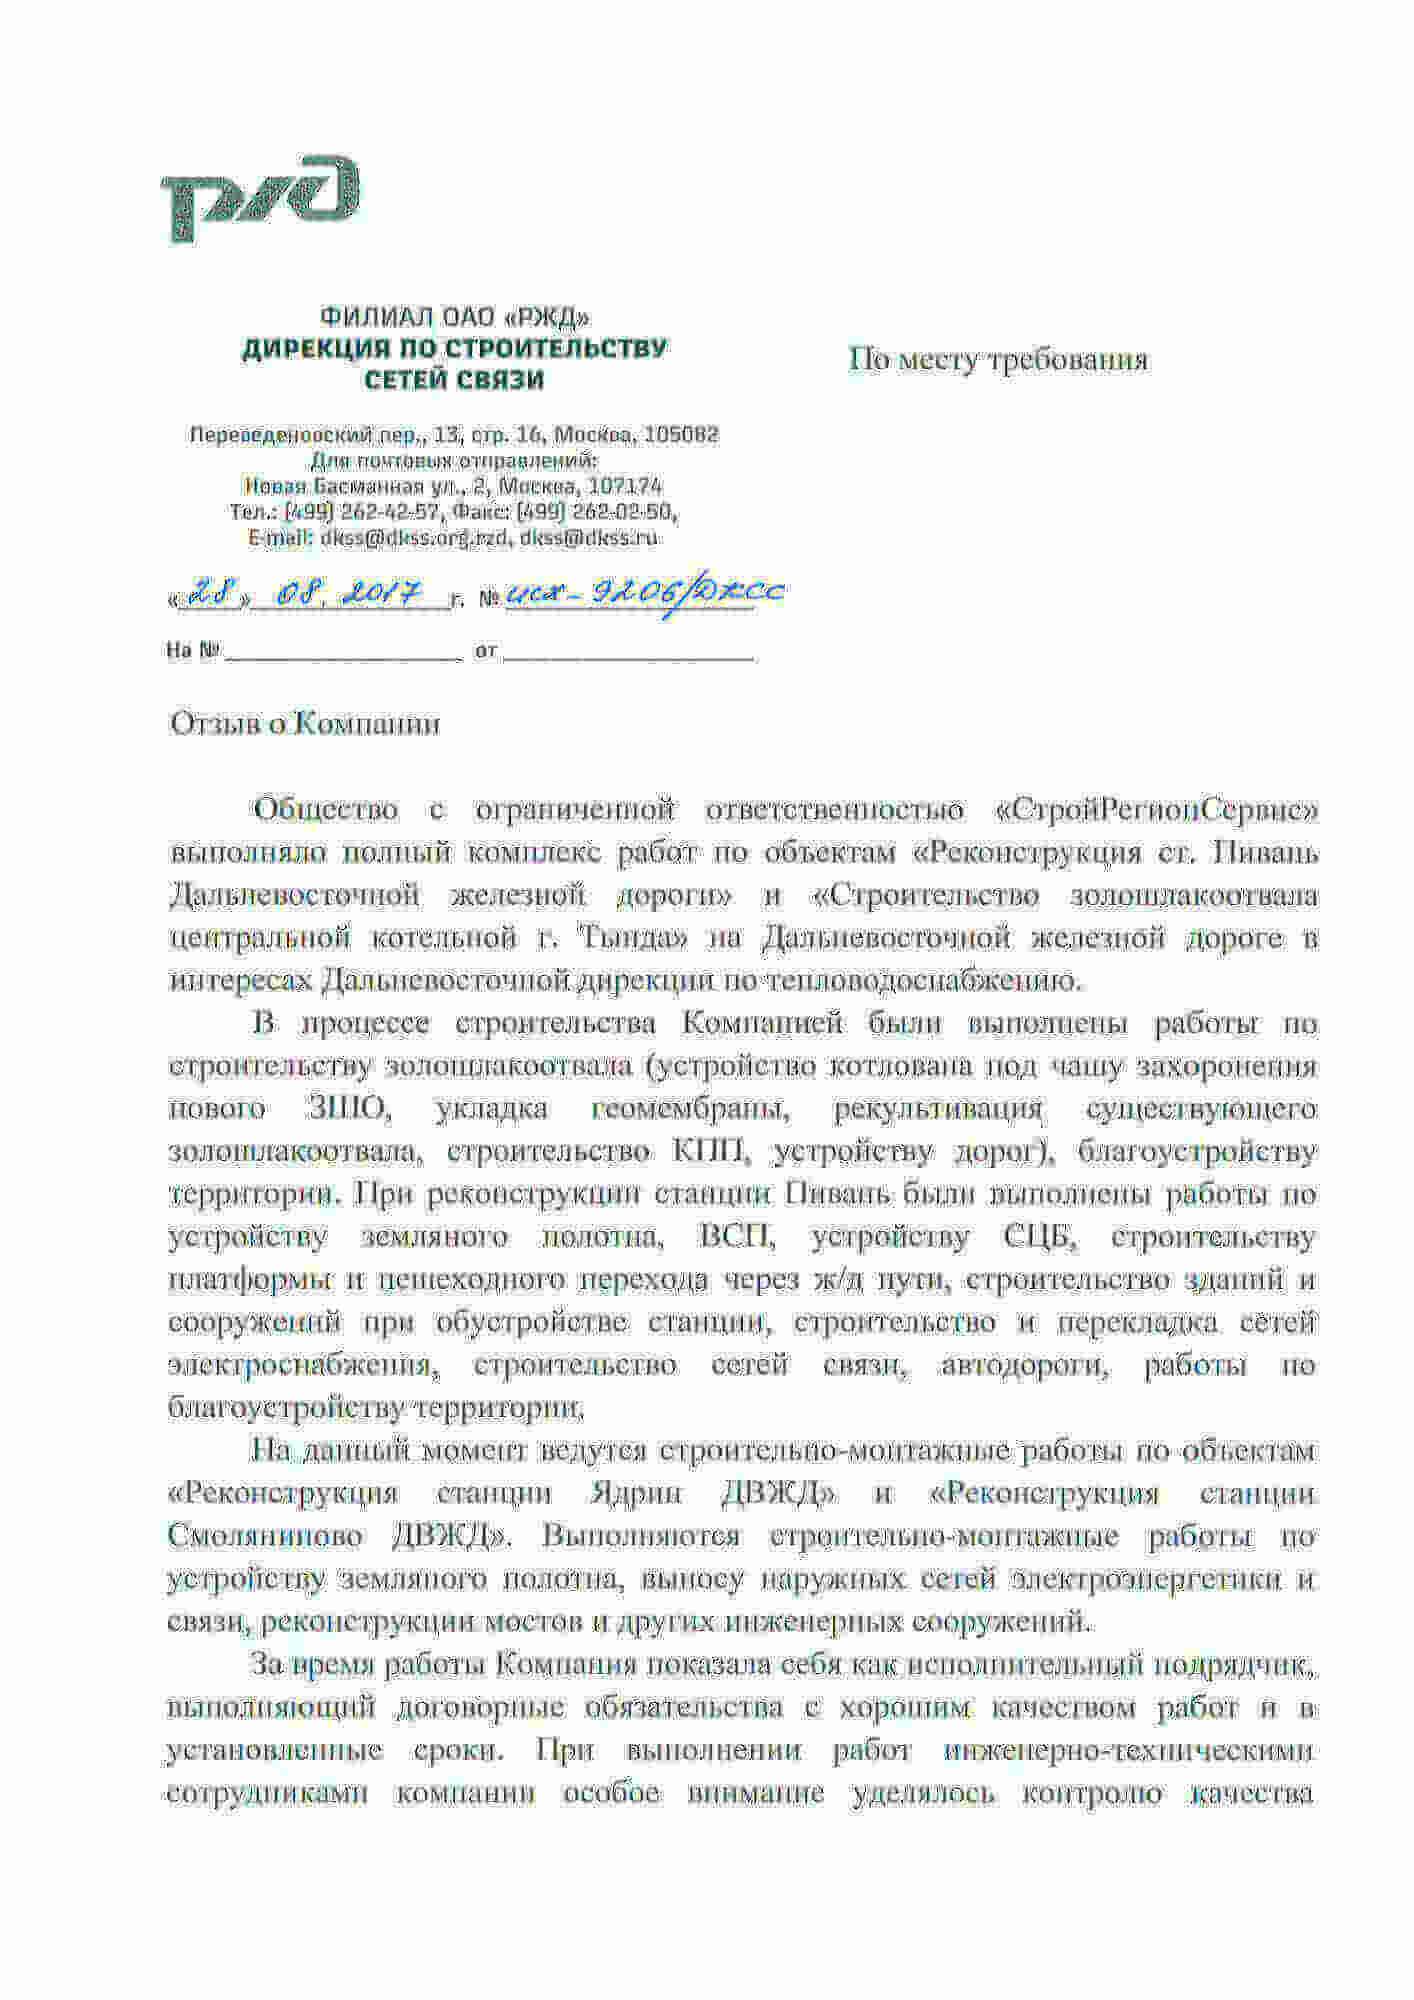 Отзыв РЖД о компании СРС